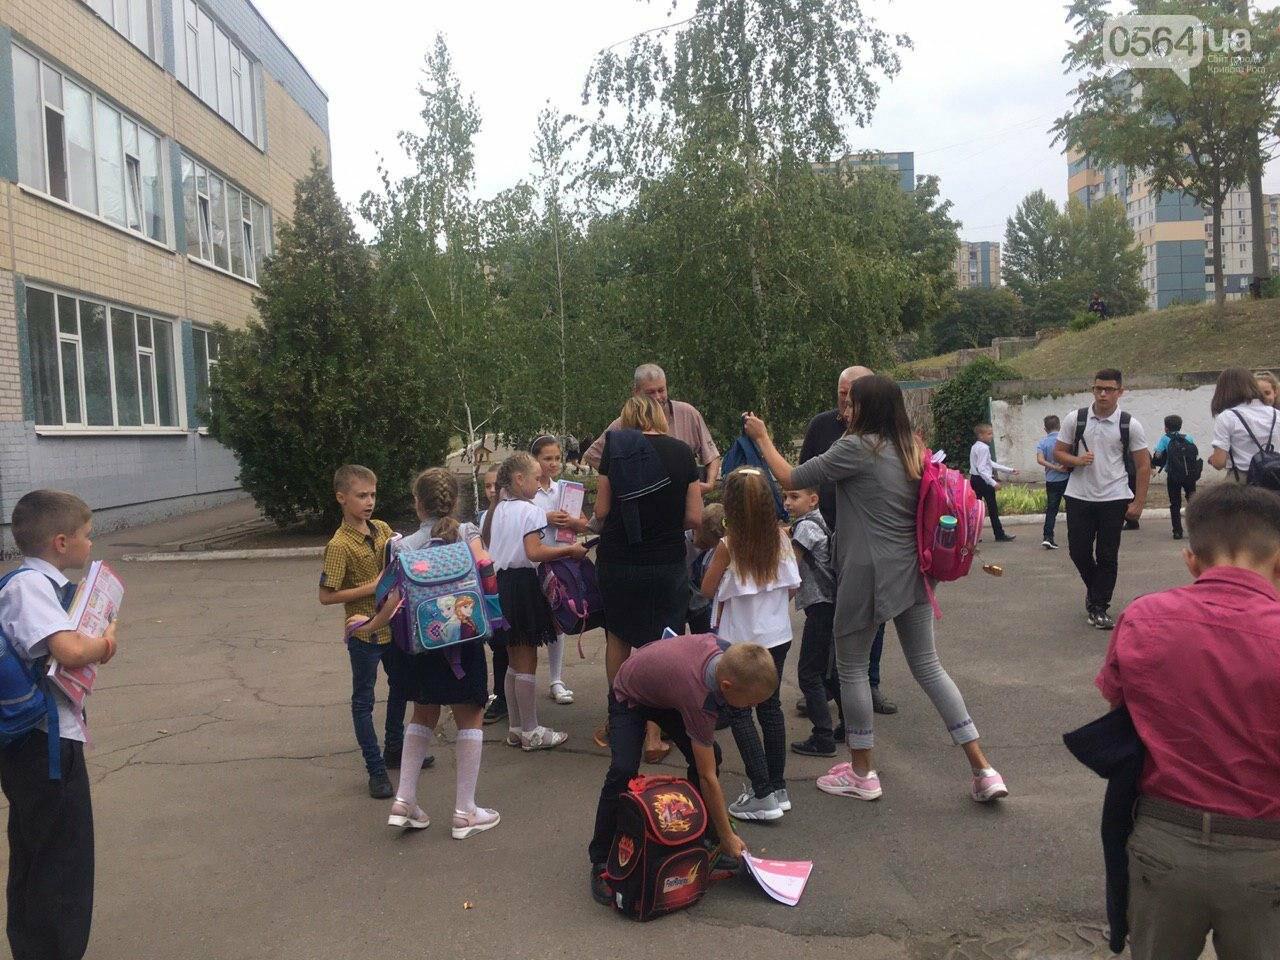 В одной из школ Кривого Рога из-за распыления неизвестного вещества срочно эвакуировали детей, - ФОТО, фото-13